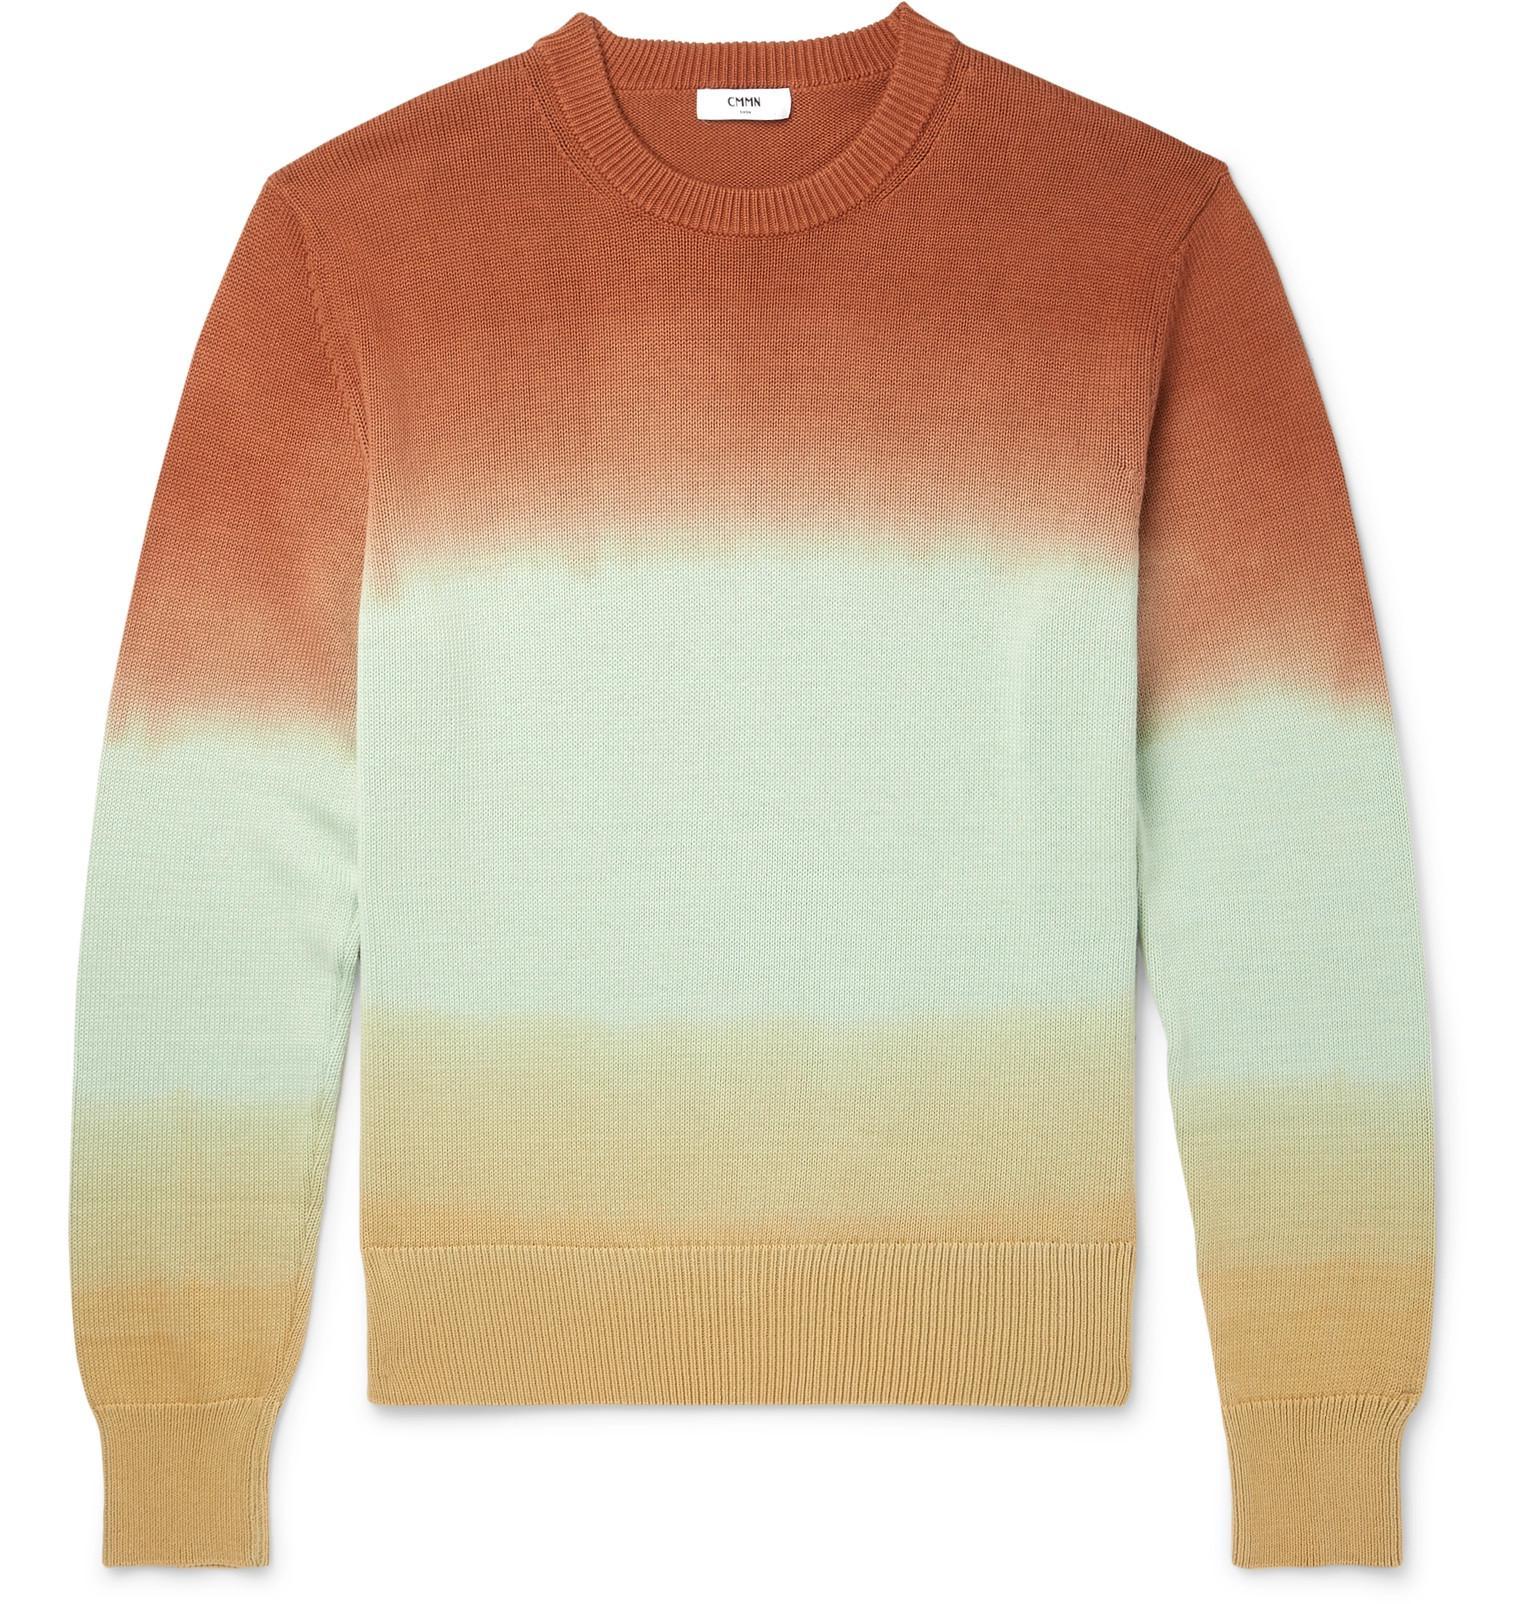 CMMN SWDN Colby Dégradé Cotton Sweater - Mint jR1TpP5L